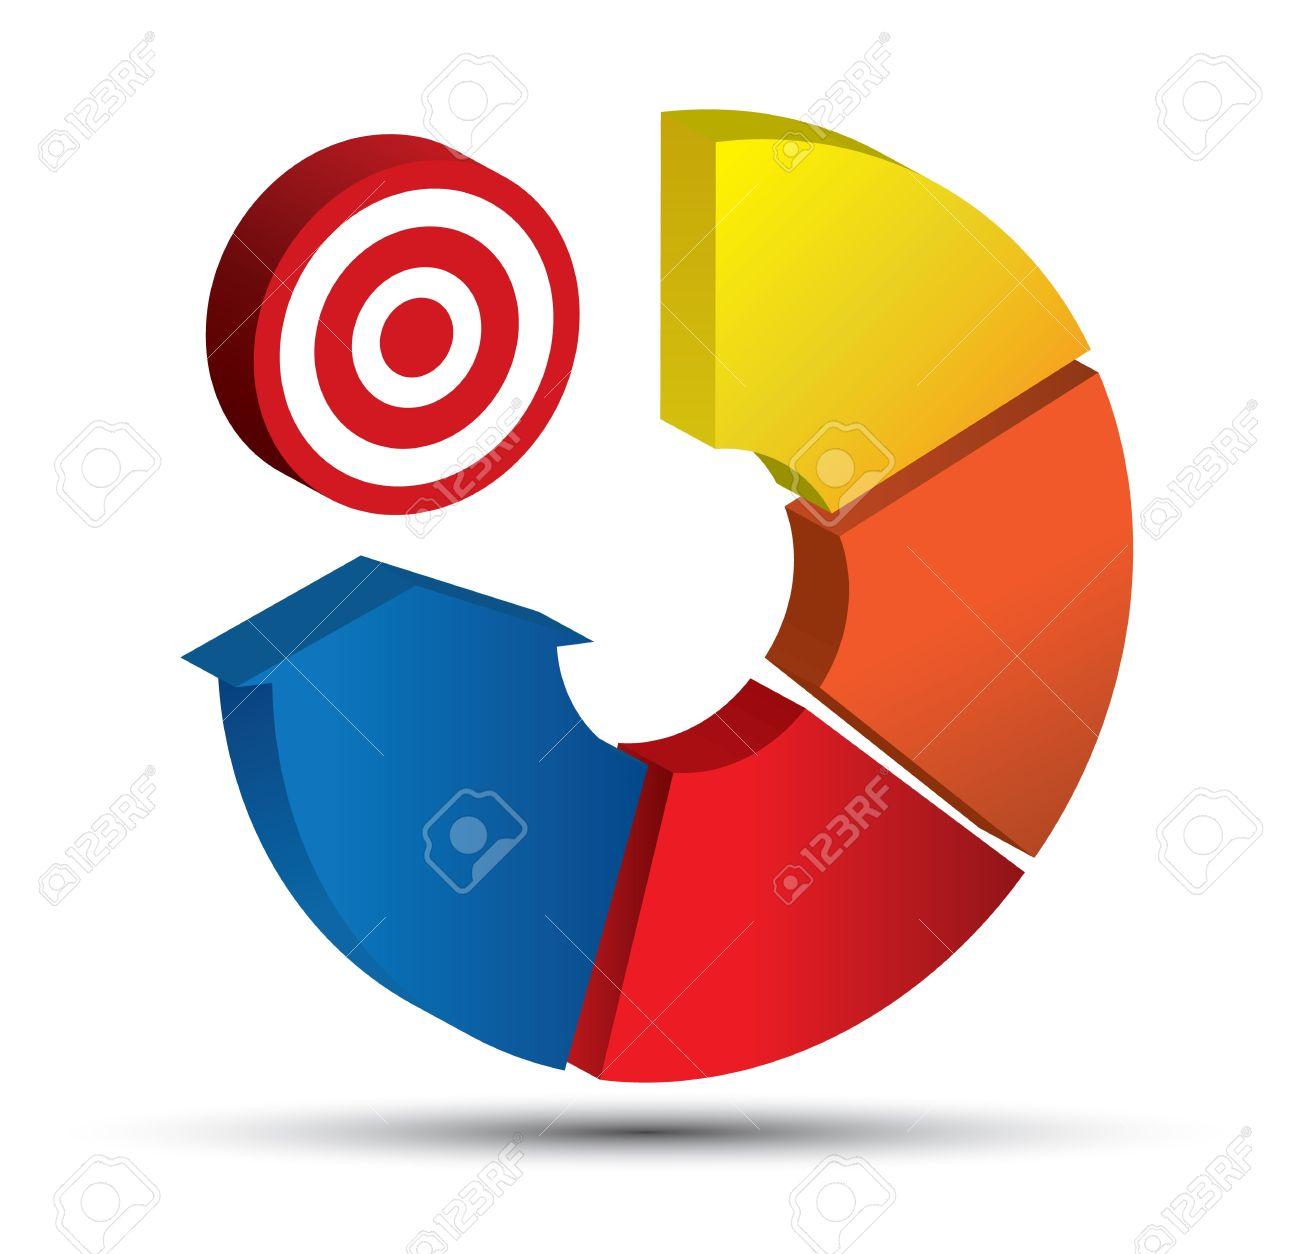 Arrow circle target clipart png freeuse stock Arrow circle target clipart - ClipartFest png freeuse stock